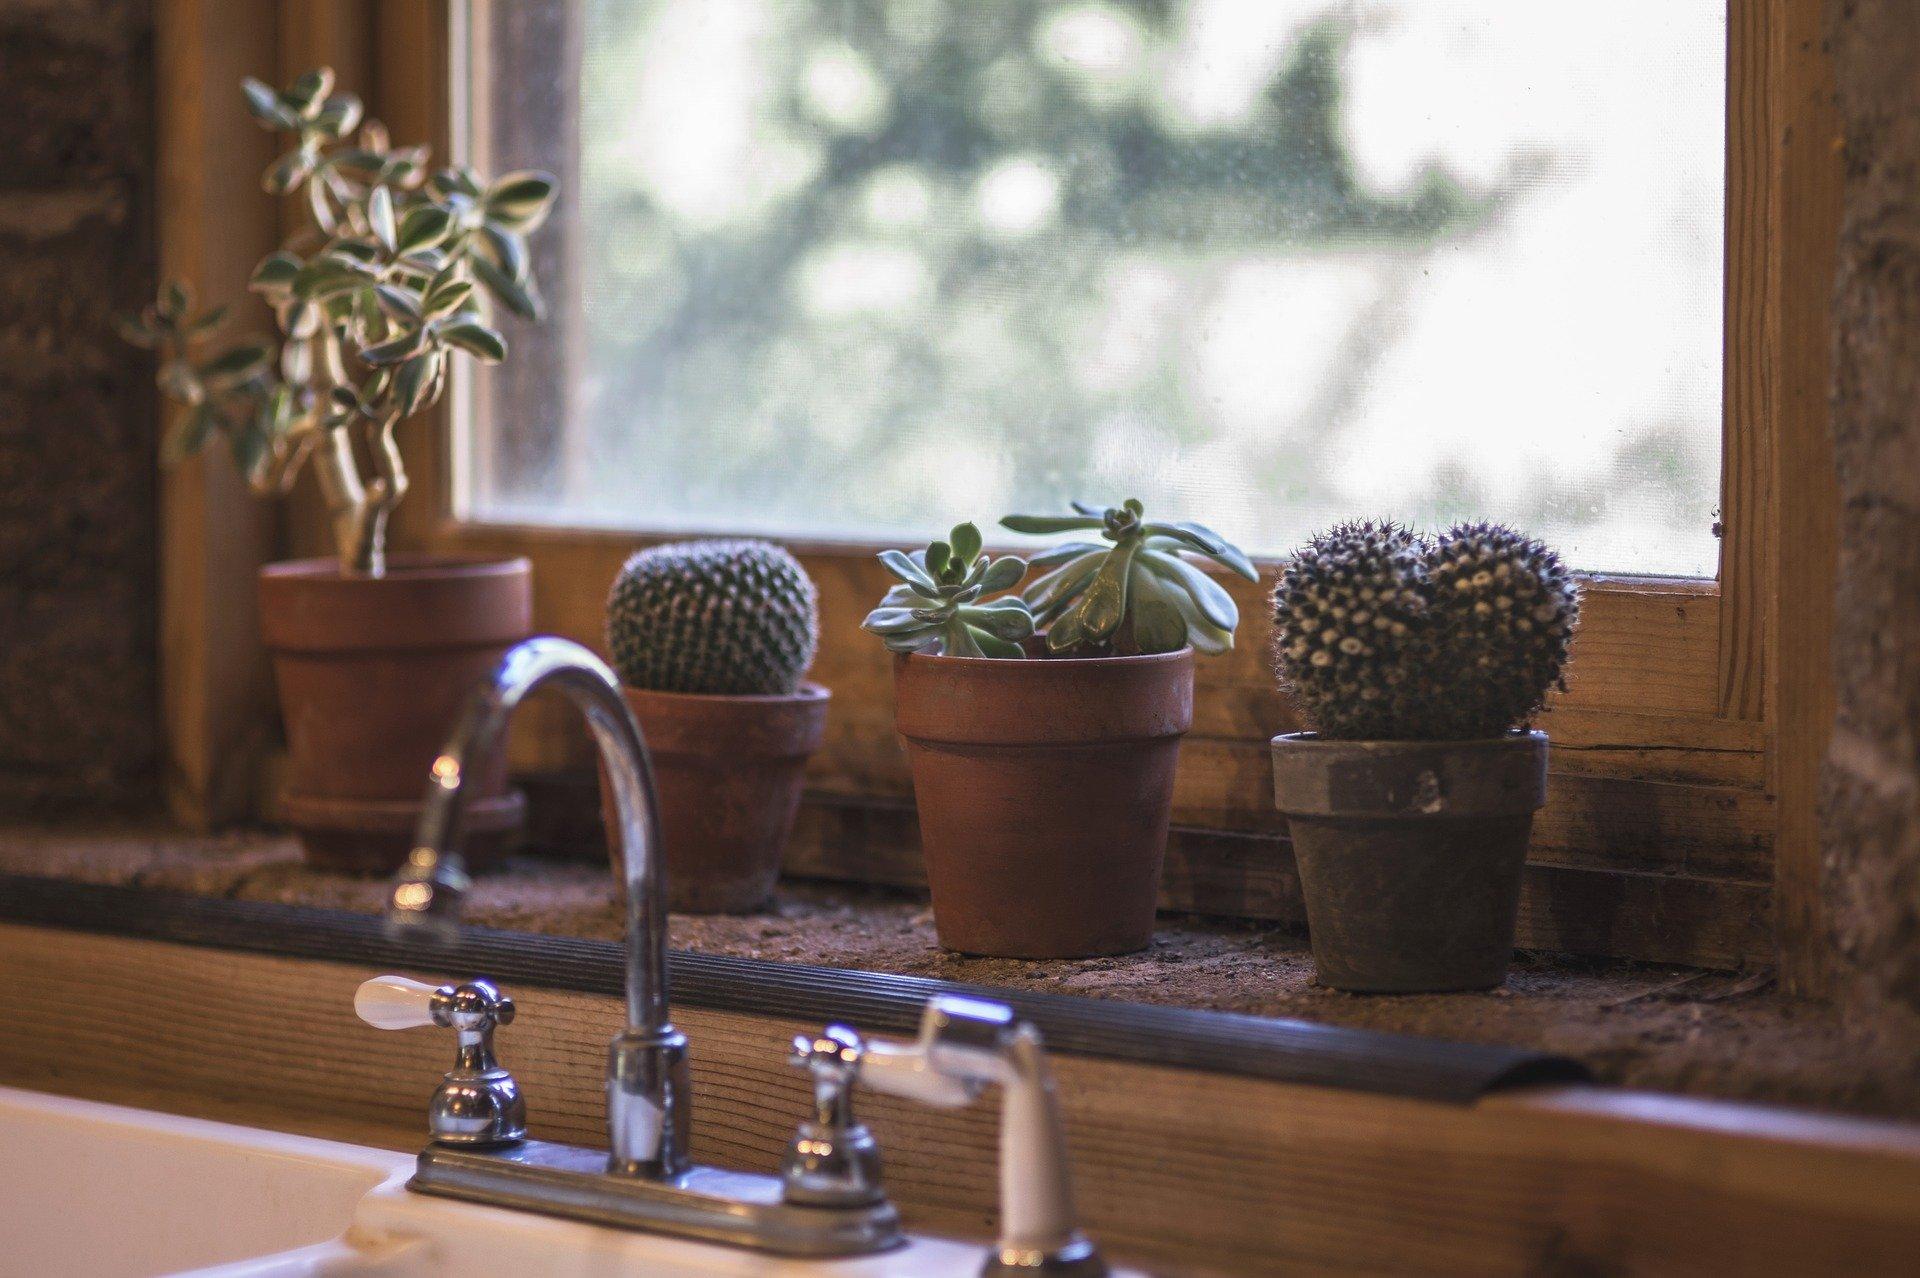 cactus-2556000_1920